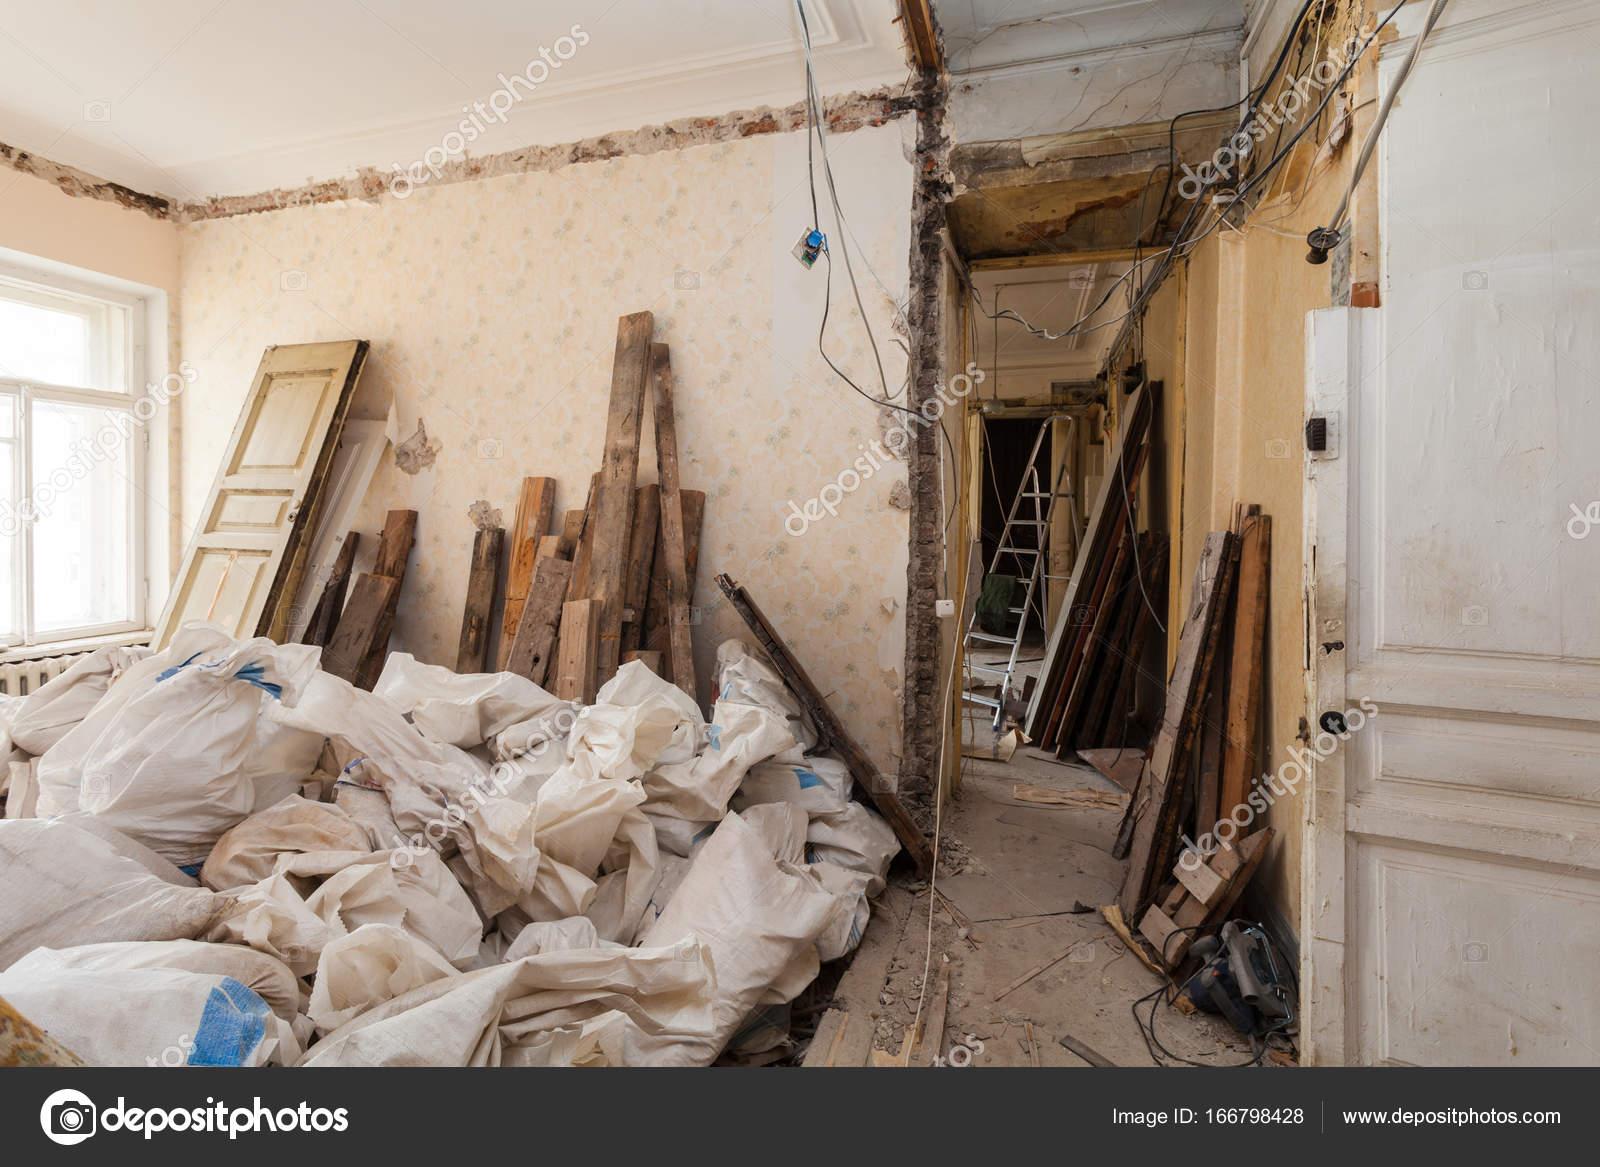 Sehen Sie Zimmer Der Wohnung Und Retro Kronleuchter Während Unter  Renovierung, Umbau Und Bau. Der Prozess Der Demontage Alte Zimmer Und  Verpackung ...